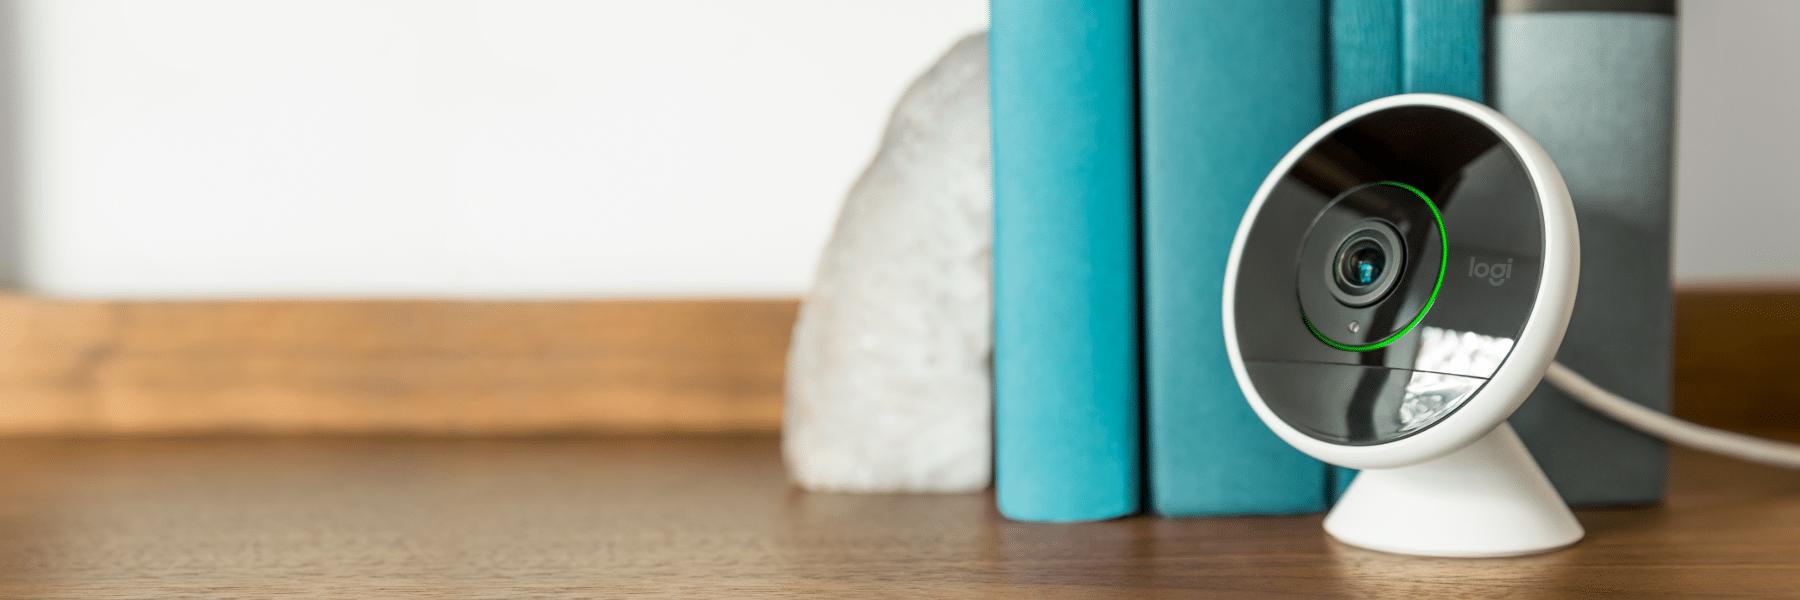 Weihnachtsverlosung: Gewinne ein HomeKit Paket von Logitech